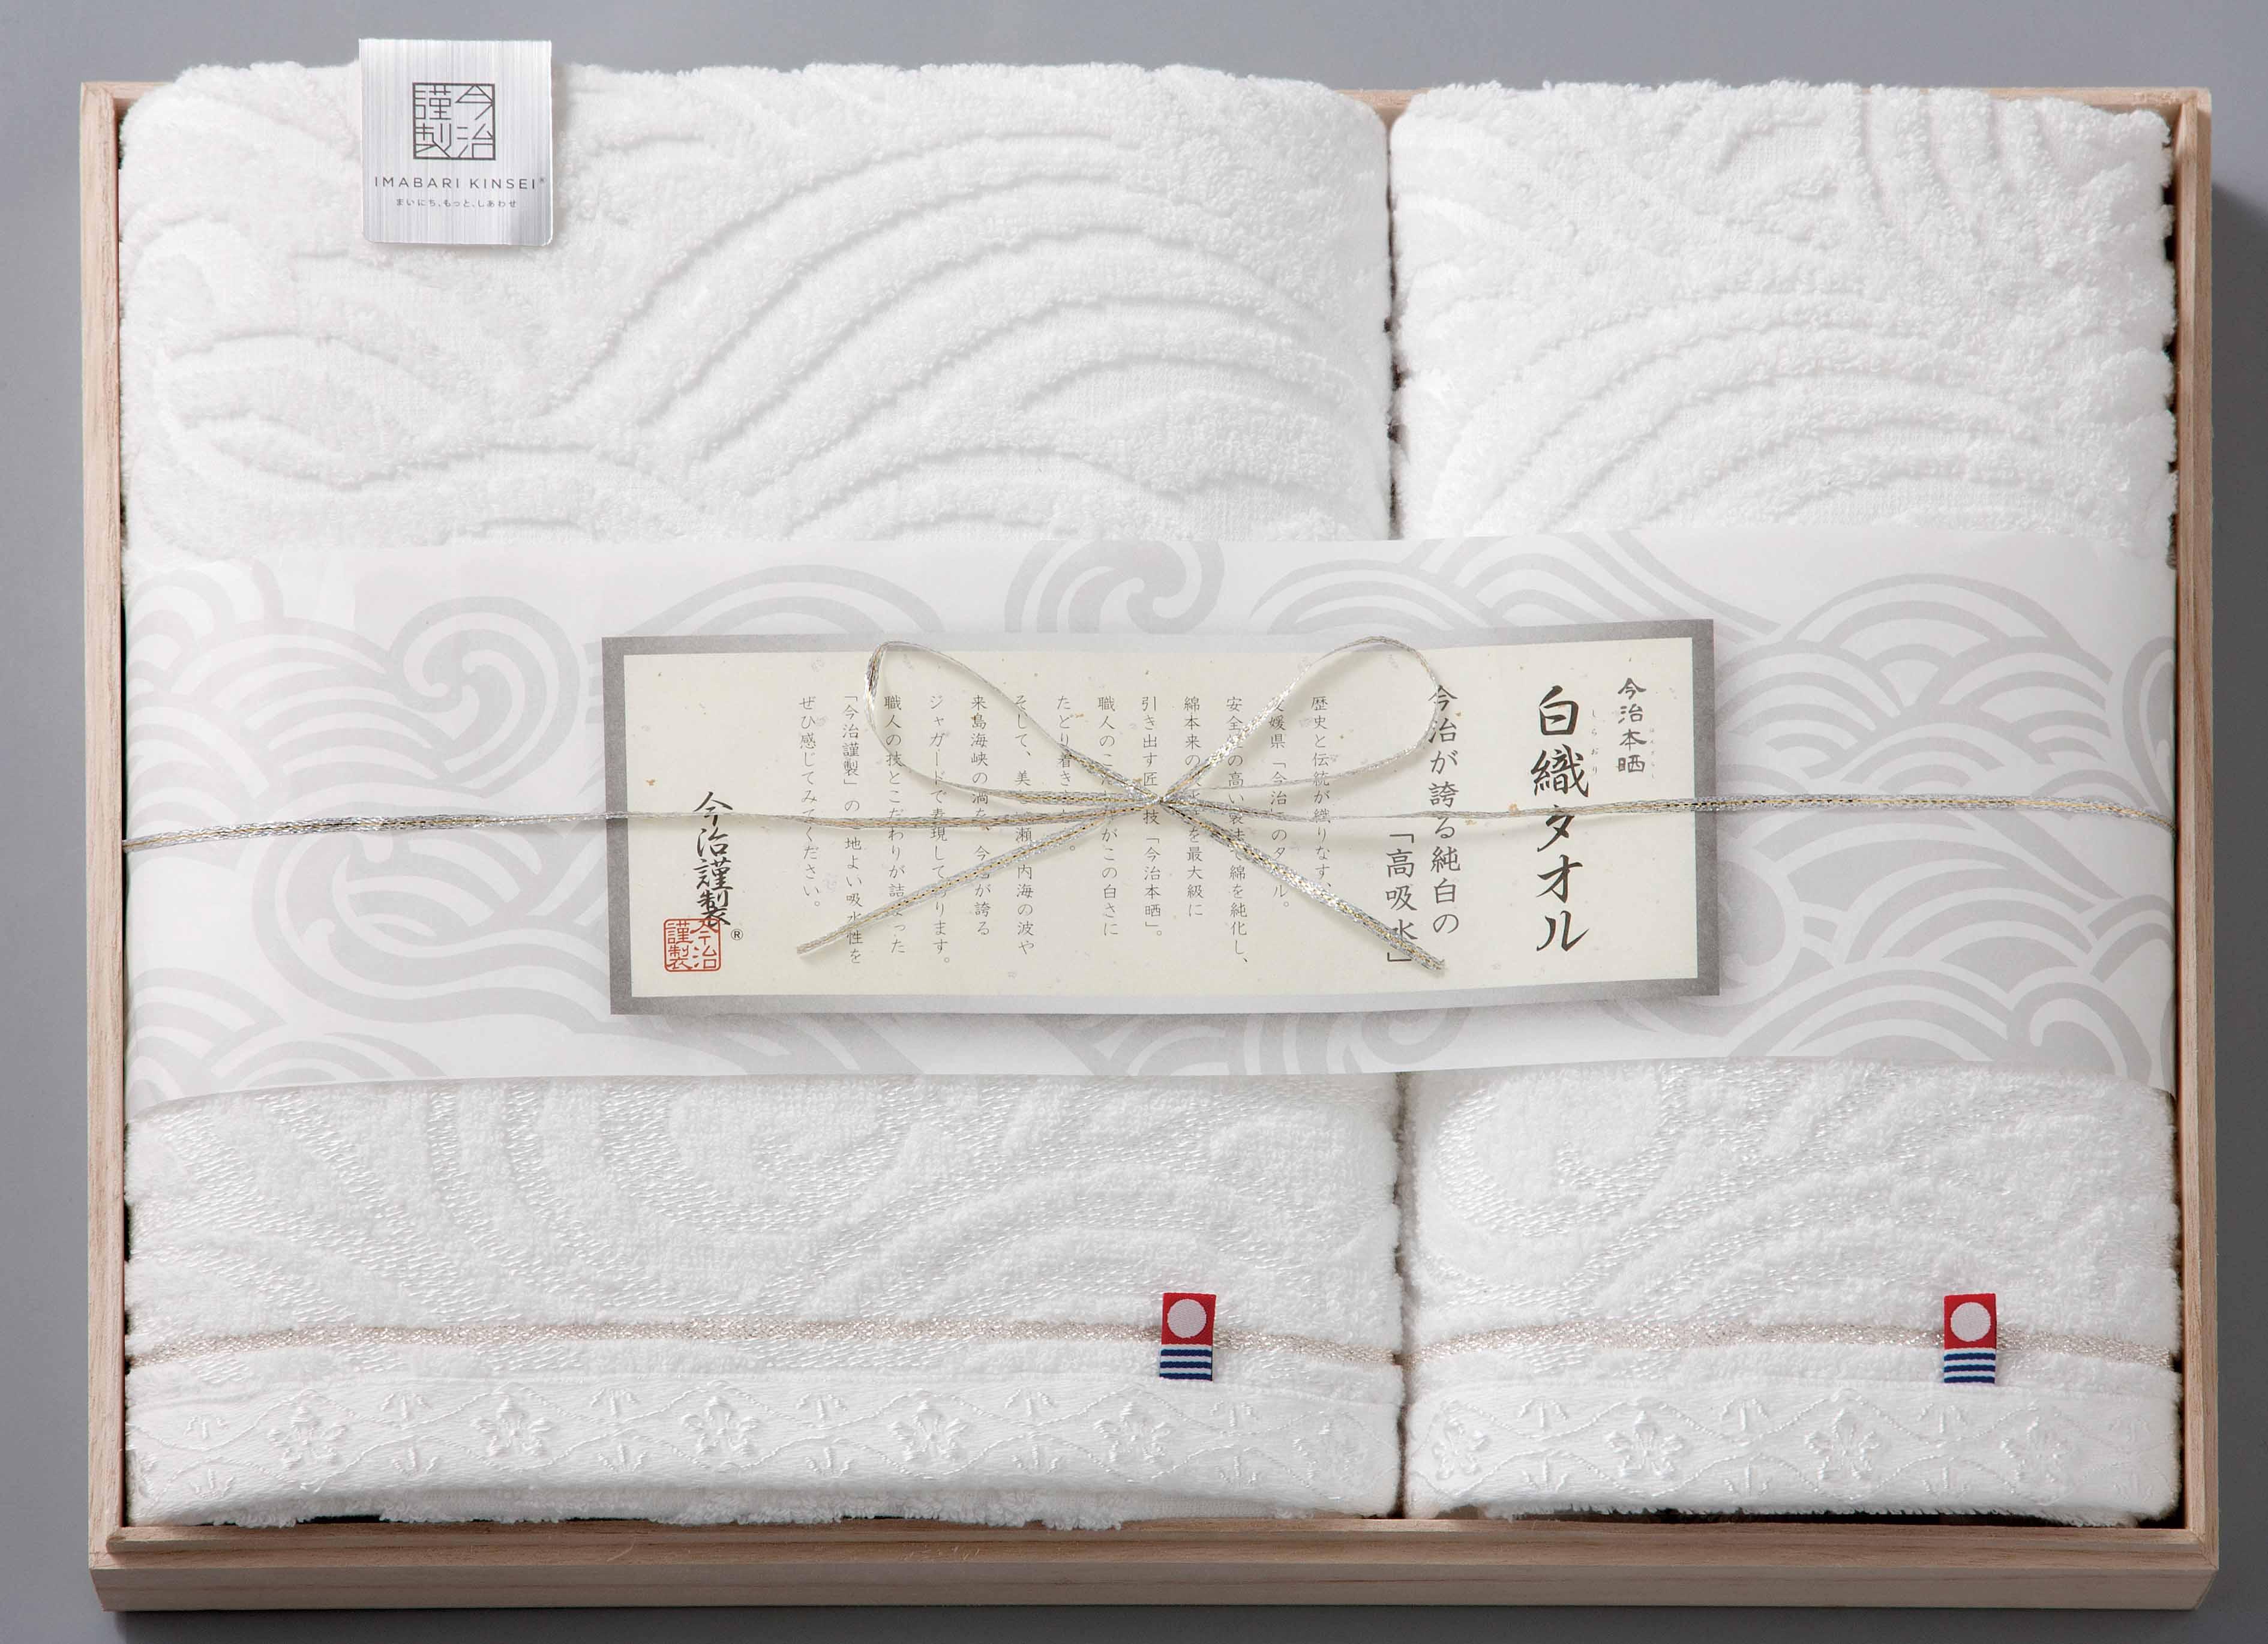 高級感のあるジャガード織タオルが木箱入り 今治謹製 セール特価 白織タオル SR3539 ディスカウント 木箱入りタオルセット